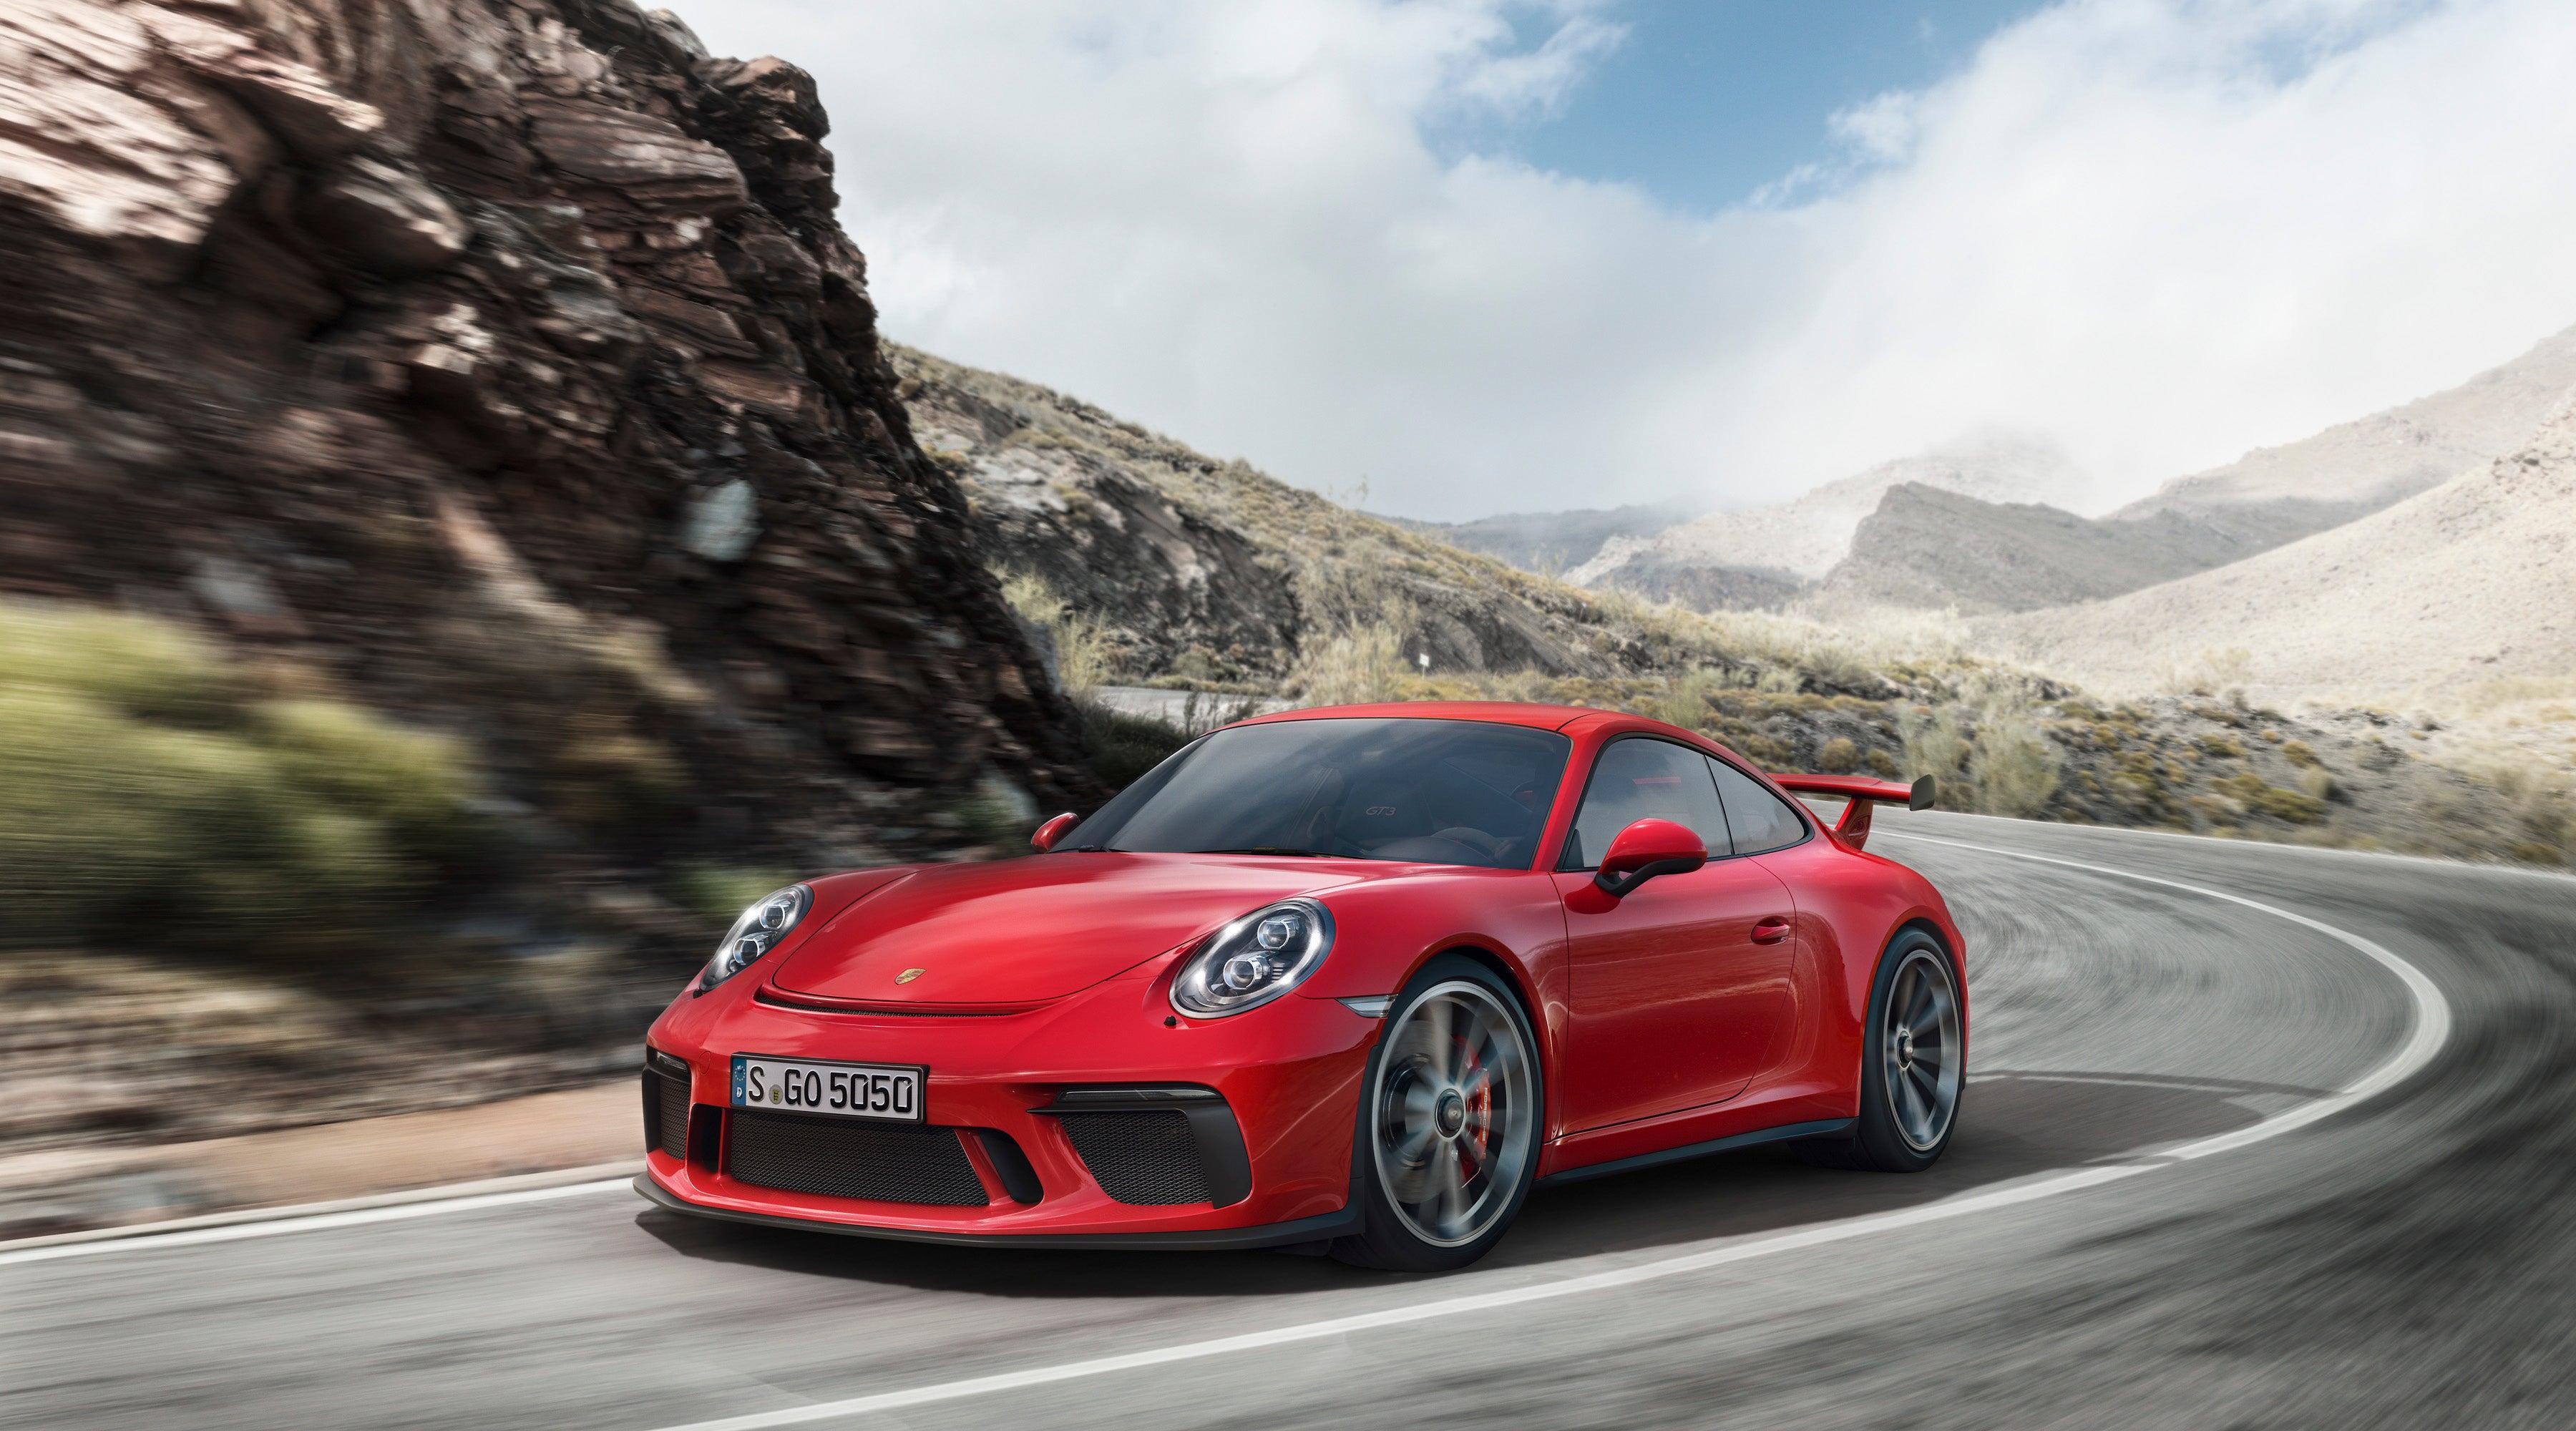 2018 porsche 911 gt3 gets manual transmission and 198 mph top speed rh jalopnik com Porsche 911 GT2 Wrecked Porsche 911 GT3